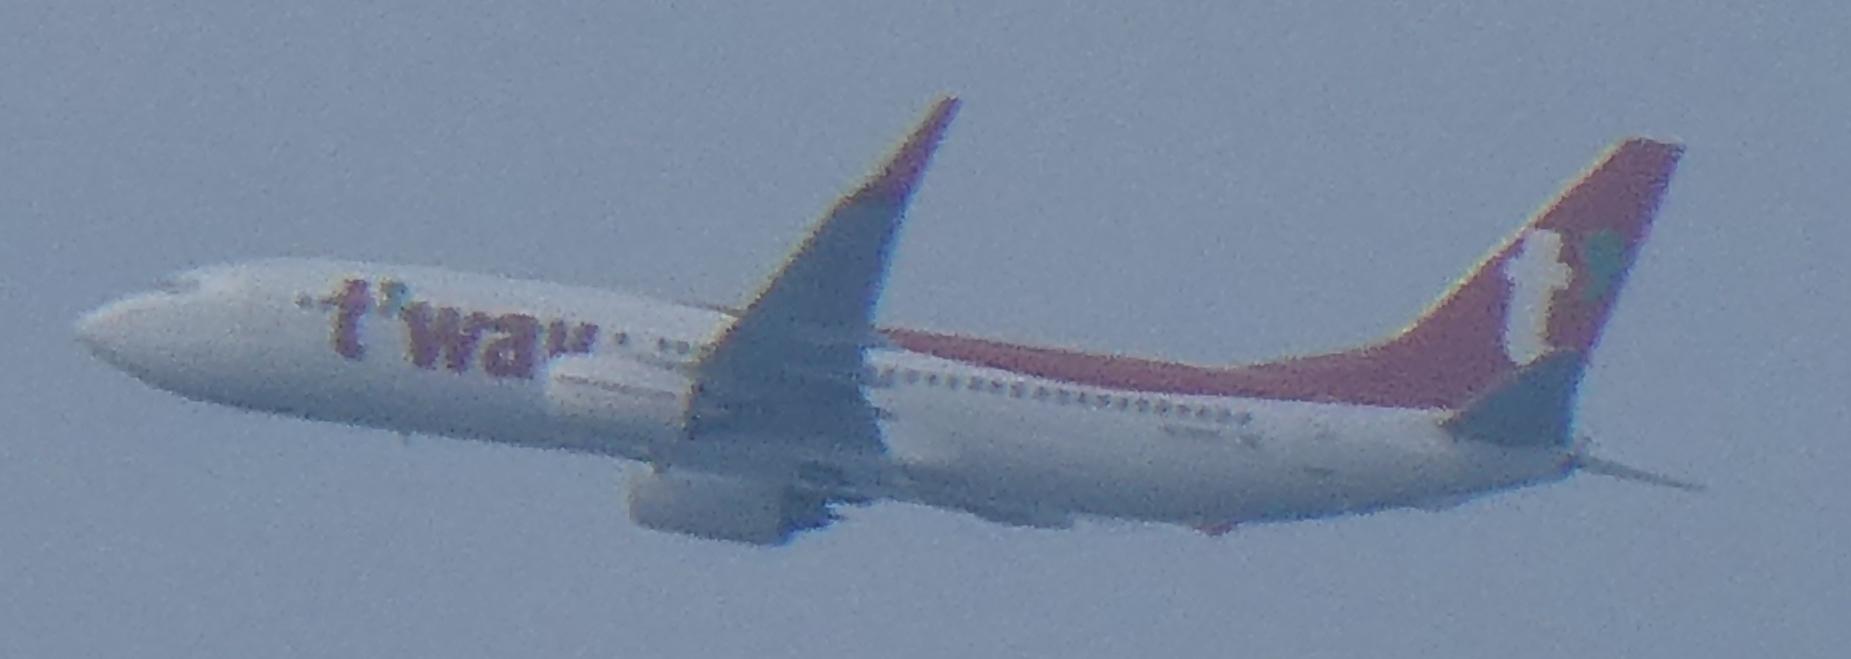 飛行機と遊ぶ_c0108460_16011987.jpg